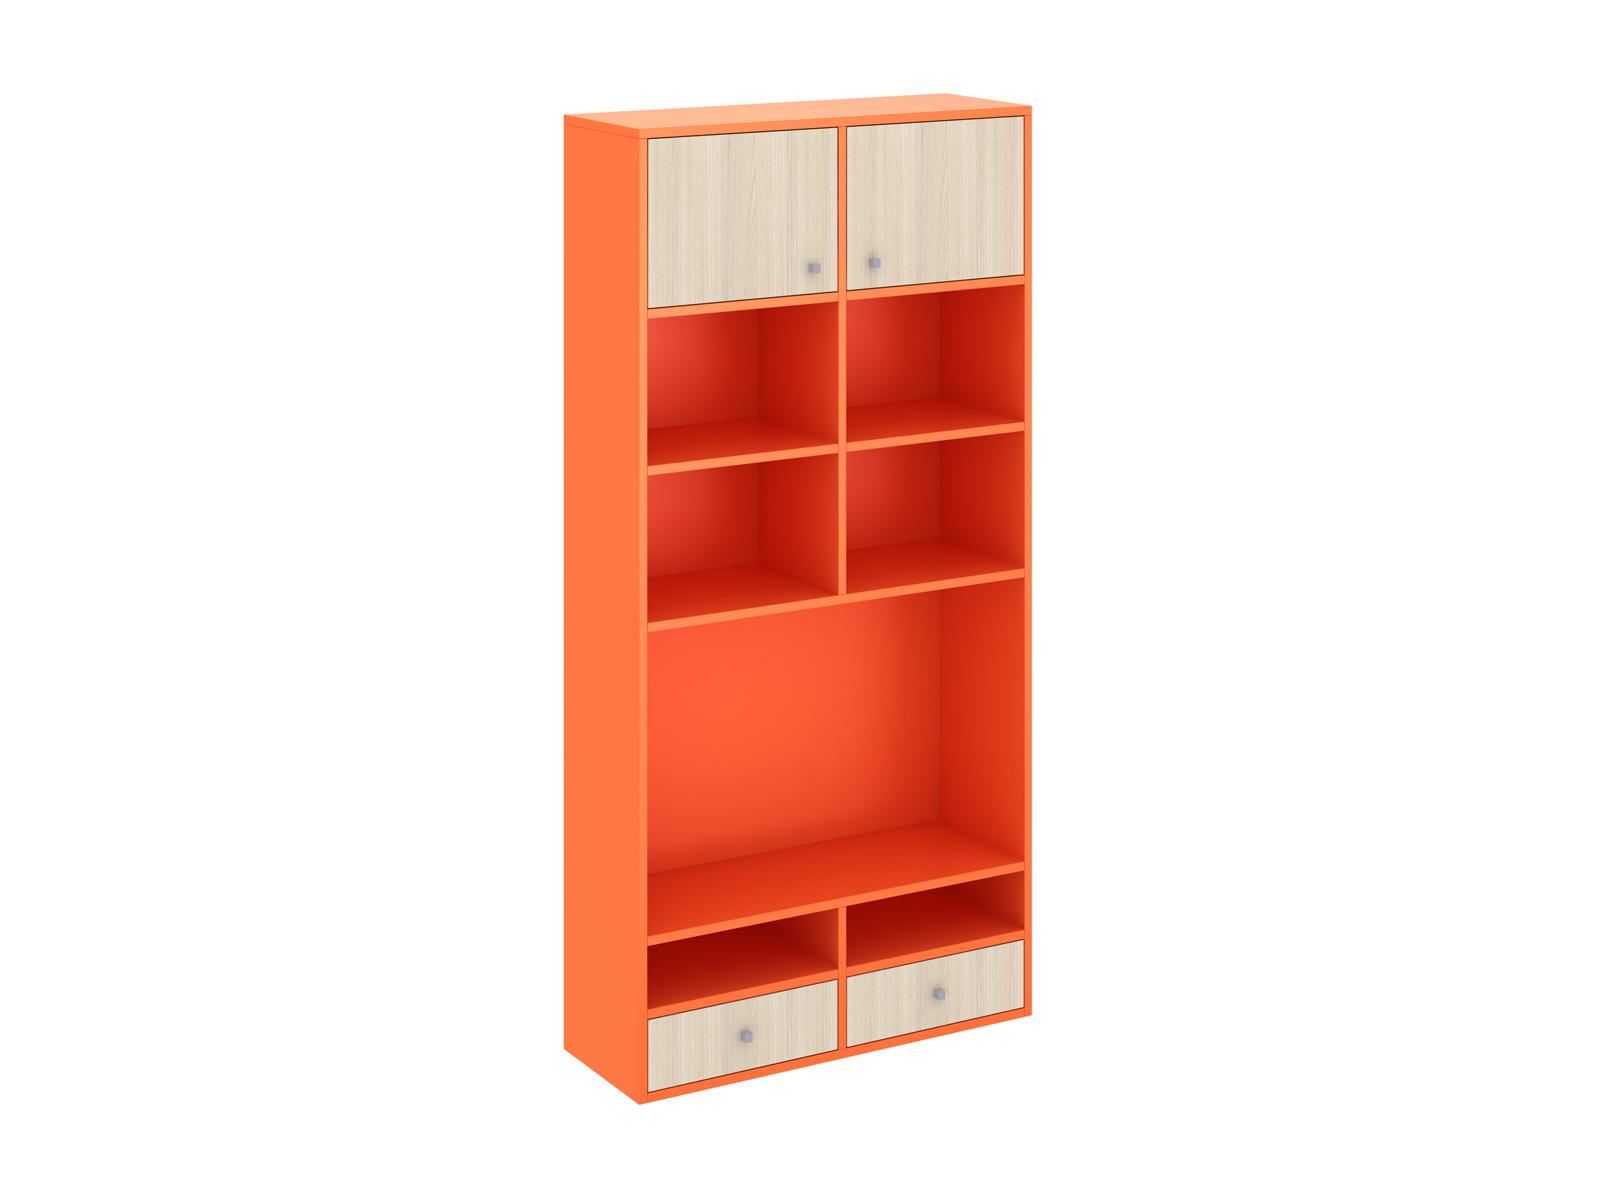 Шкаф PinokkioШкафы<br>Шкаф для телеаппаратуры имеет нишу для установки телевизора, закрытые и открытые полки, выдвижные ящики.<br>